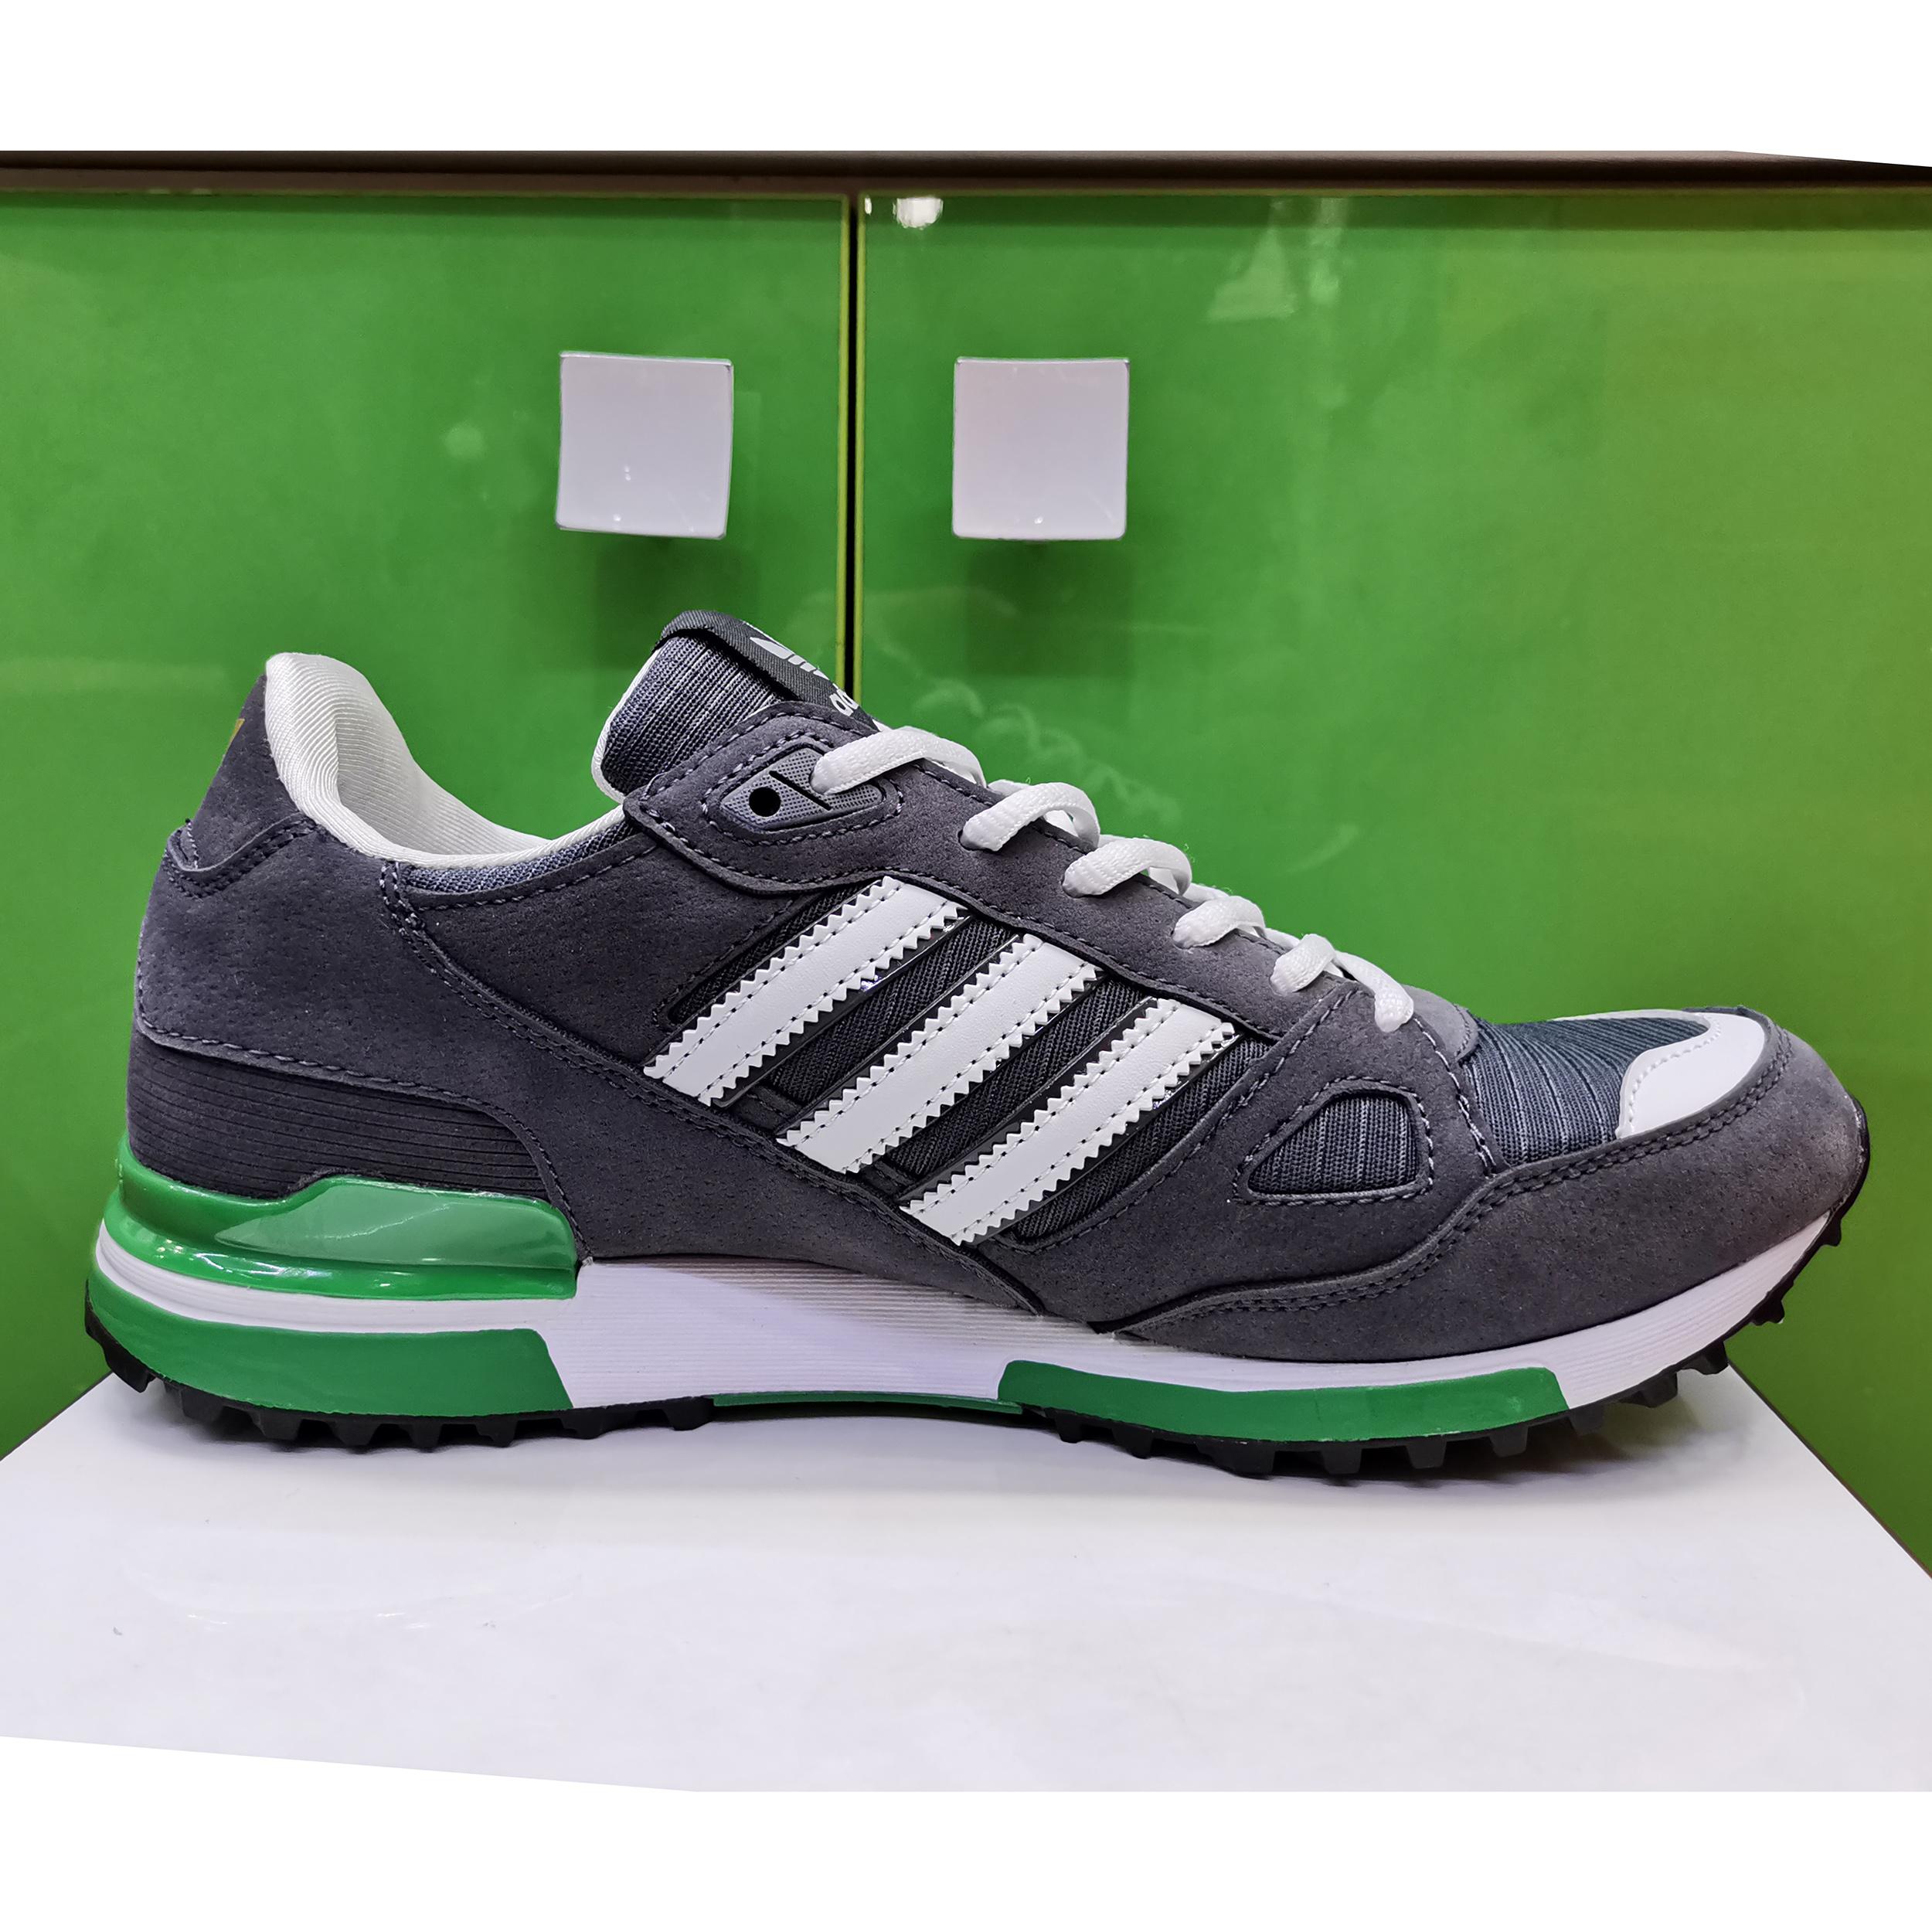 کفش مردانه آدیداس مدل zx 750 t1